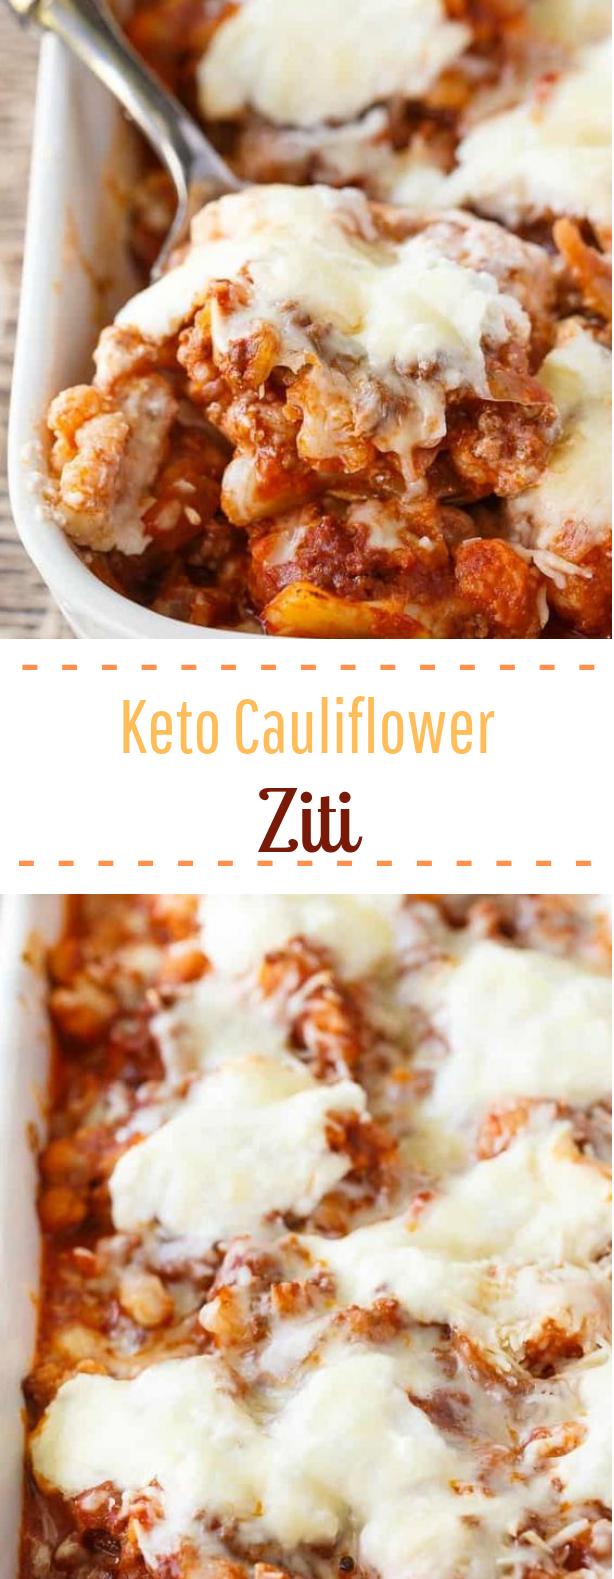 Keto Cauliflower Ziti #keto #lowcarb